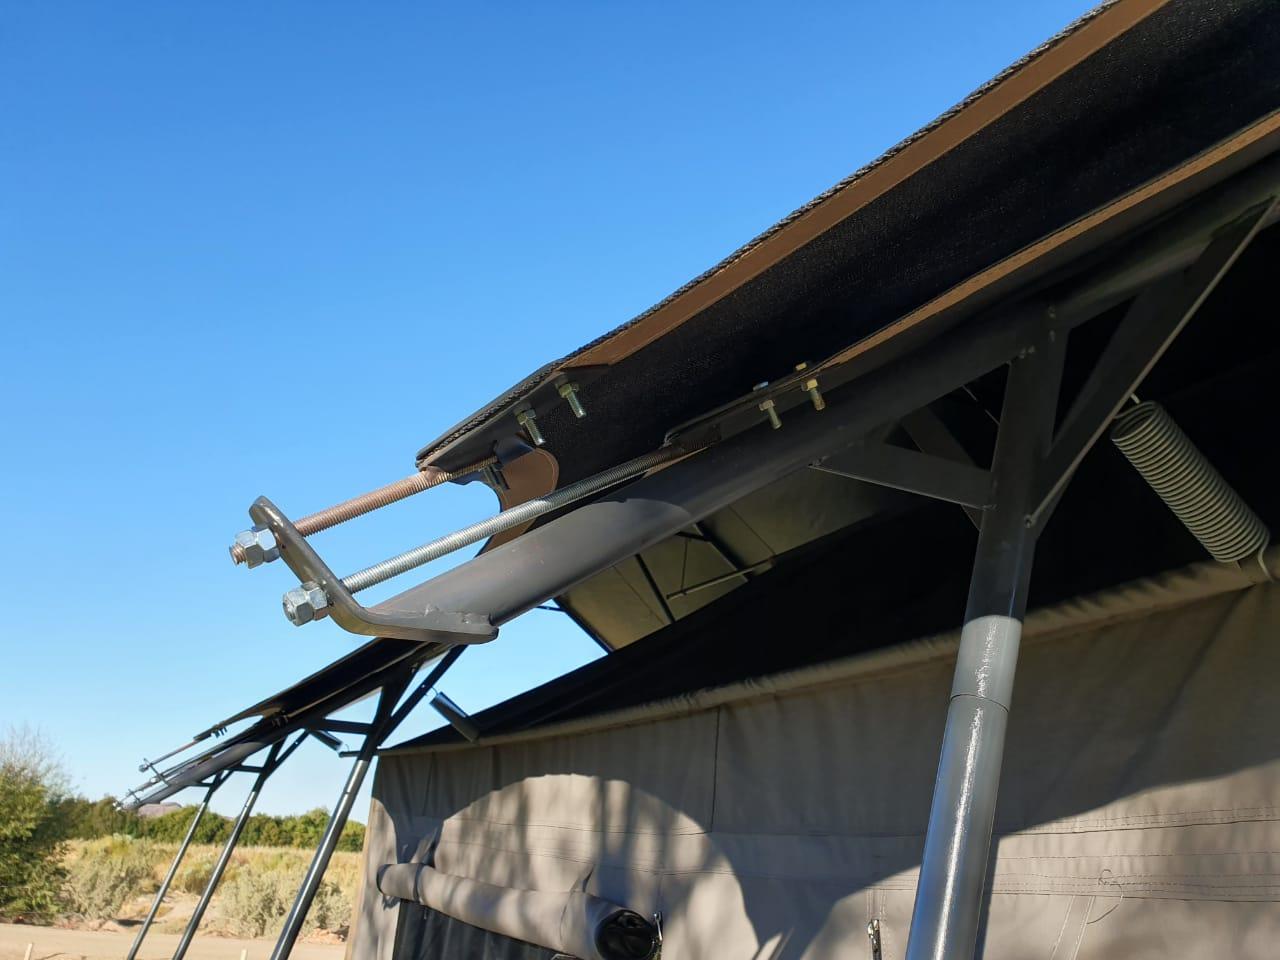 Roof Flies